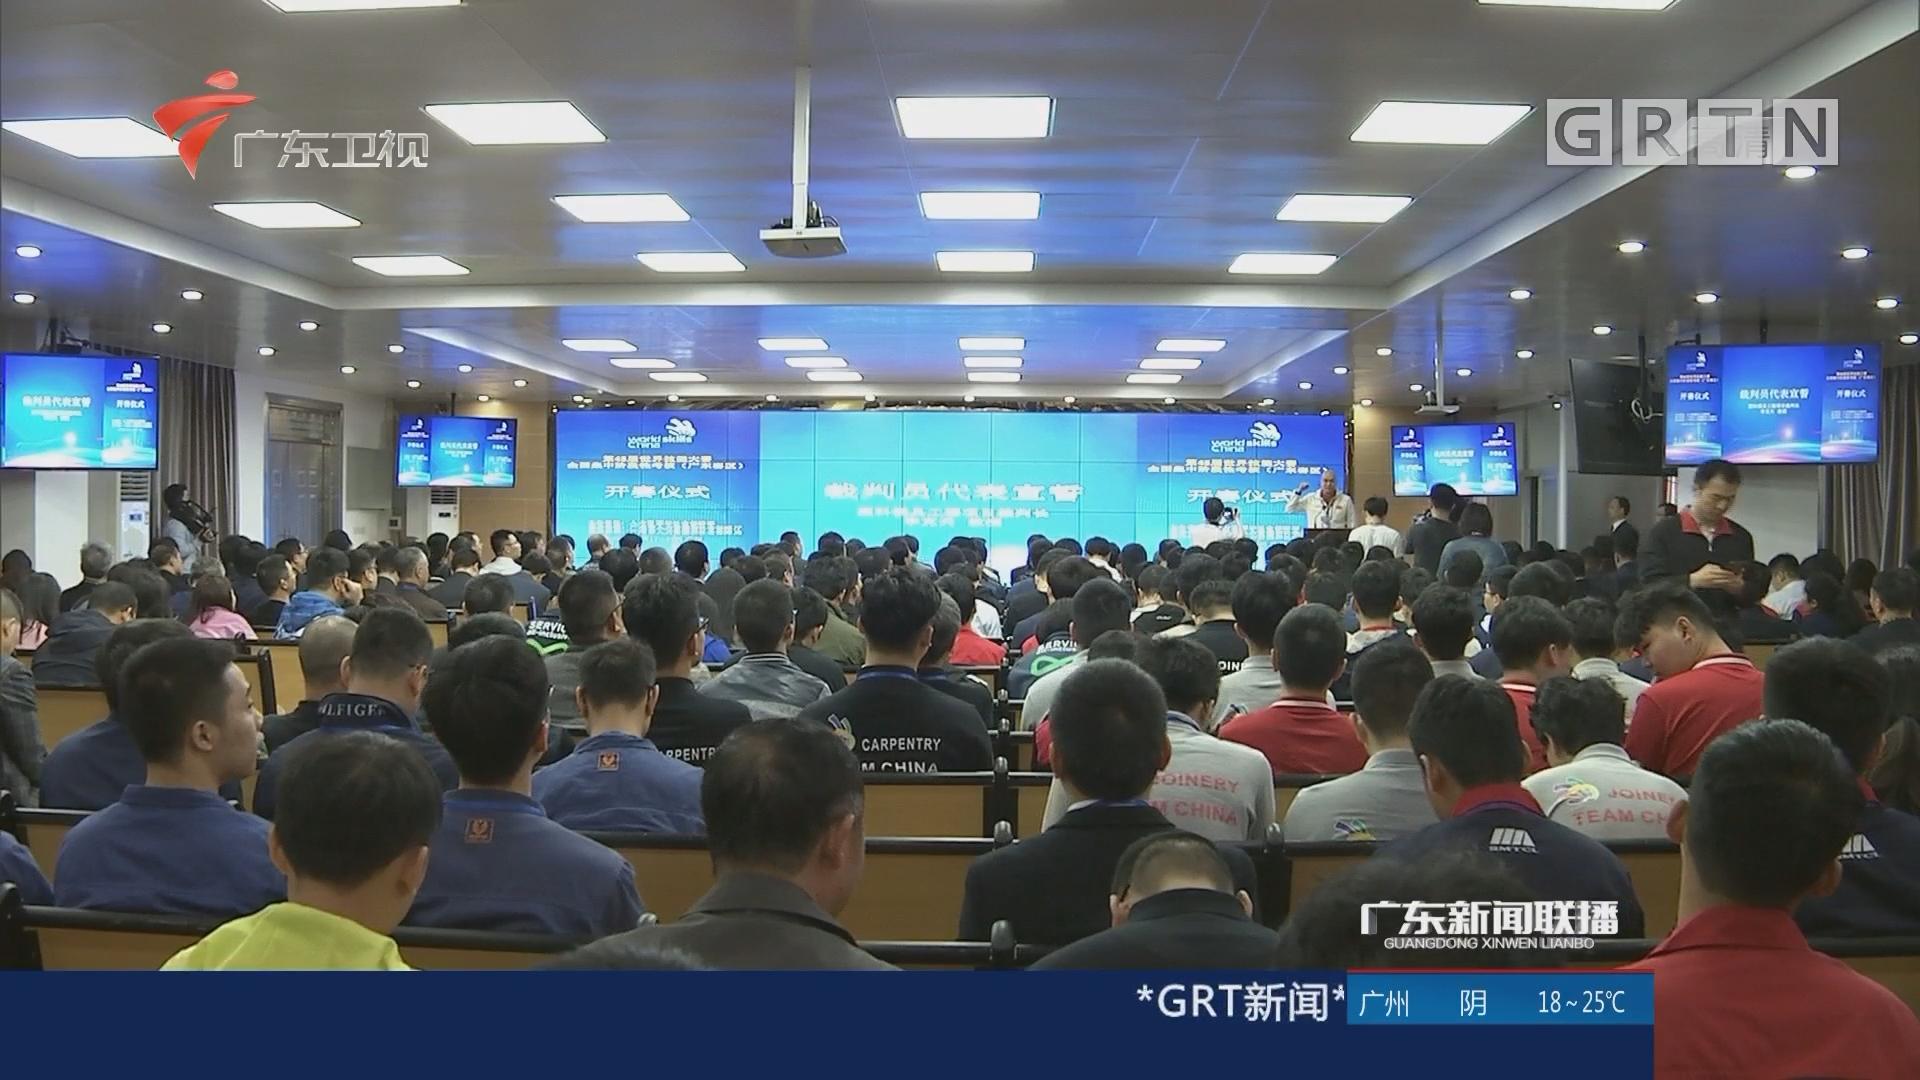 第45届世界技能大赛 全国集中阶段性考核广东赛区正式开赛